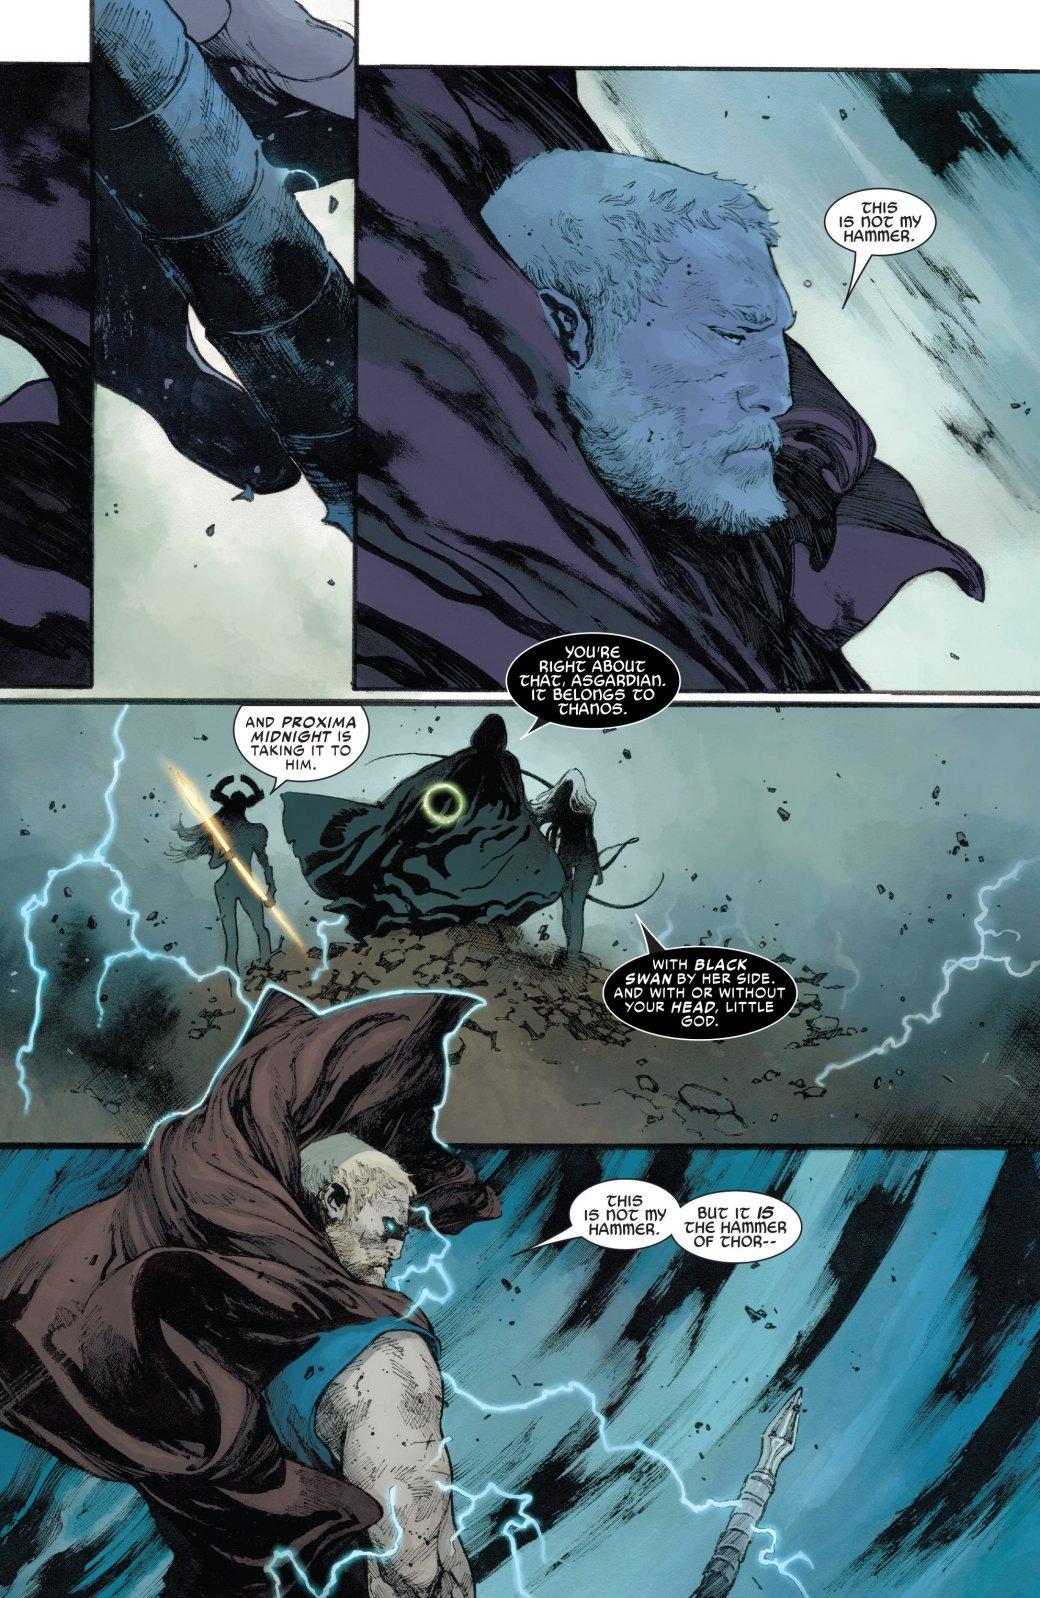 Почему Тор стал недостойным молота Мьельнира?